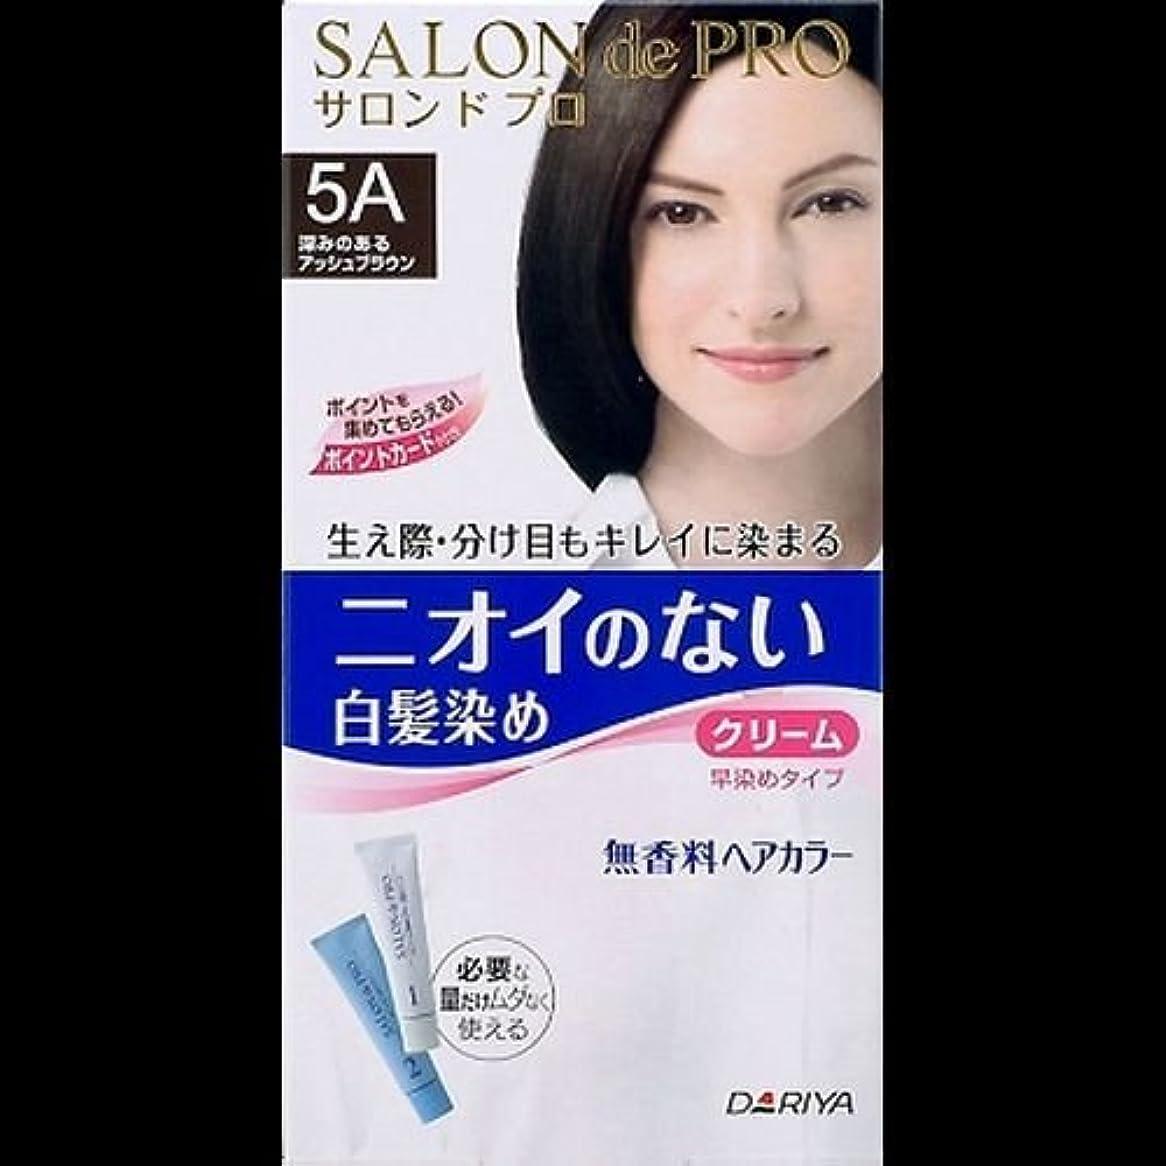 フィードオン懐疑論真似る【まとめ買い】サロンドプロ 無香料ヘアカラー 早染めクリーム 5A 40g+40g ×2セット